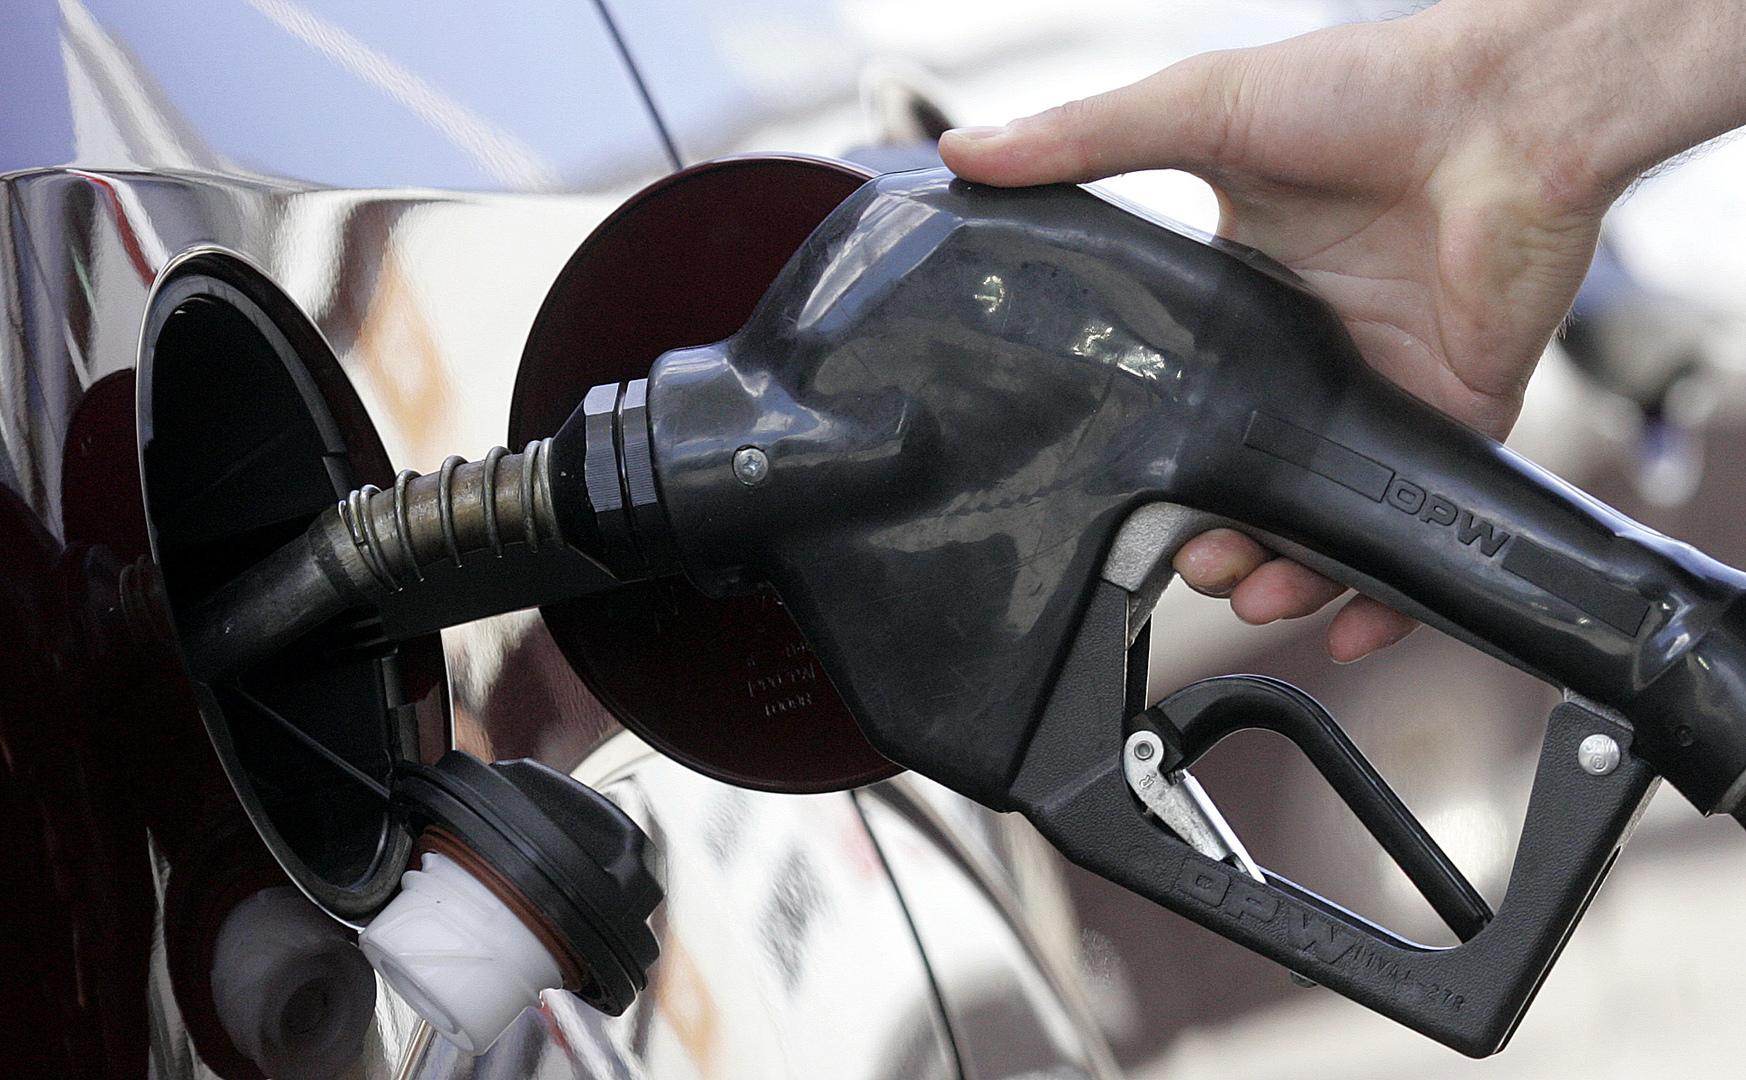 ارتفع بأكثر من 6 مرات في عام.. كيف تغيرت أسعار البنزين في لبنان؟